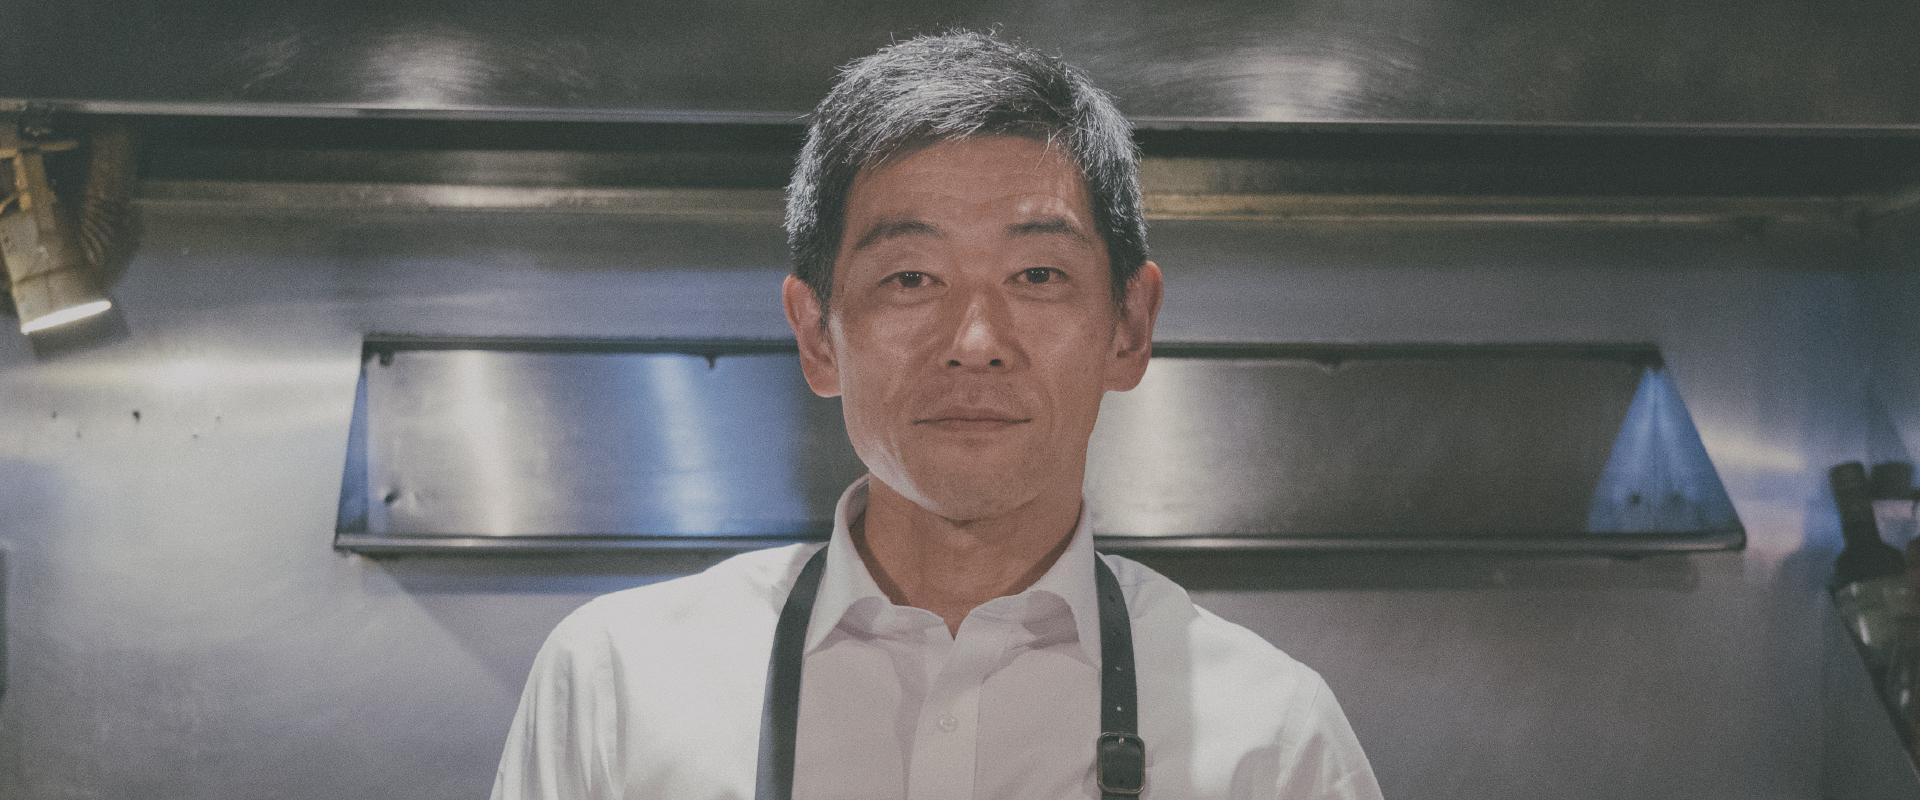 SHOICHI IZUMI